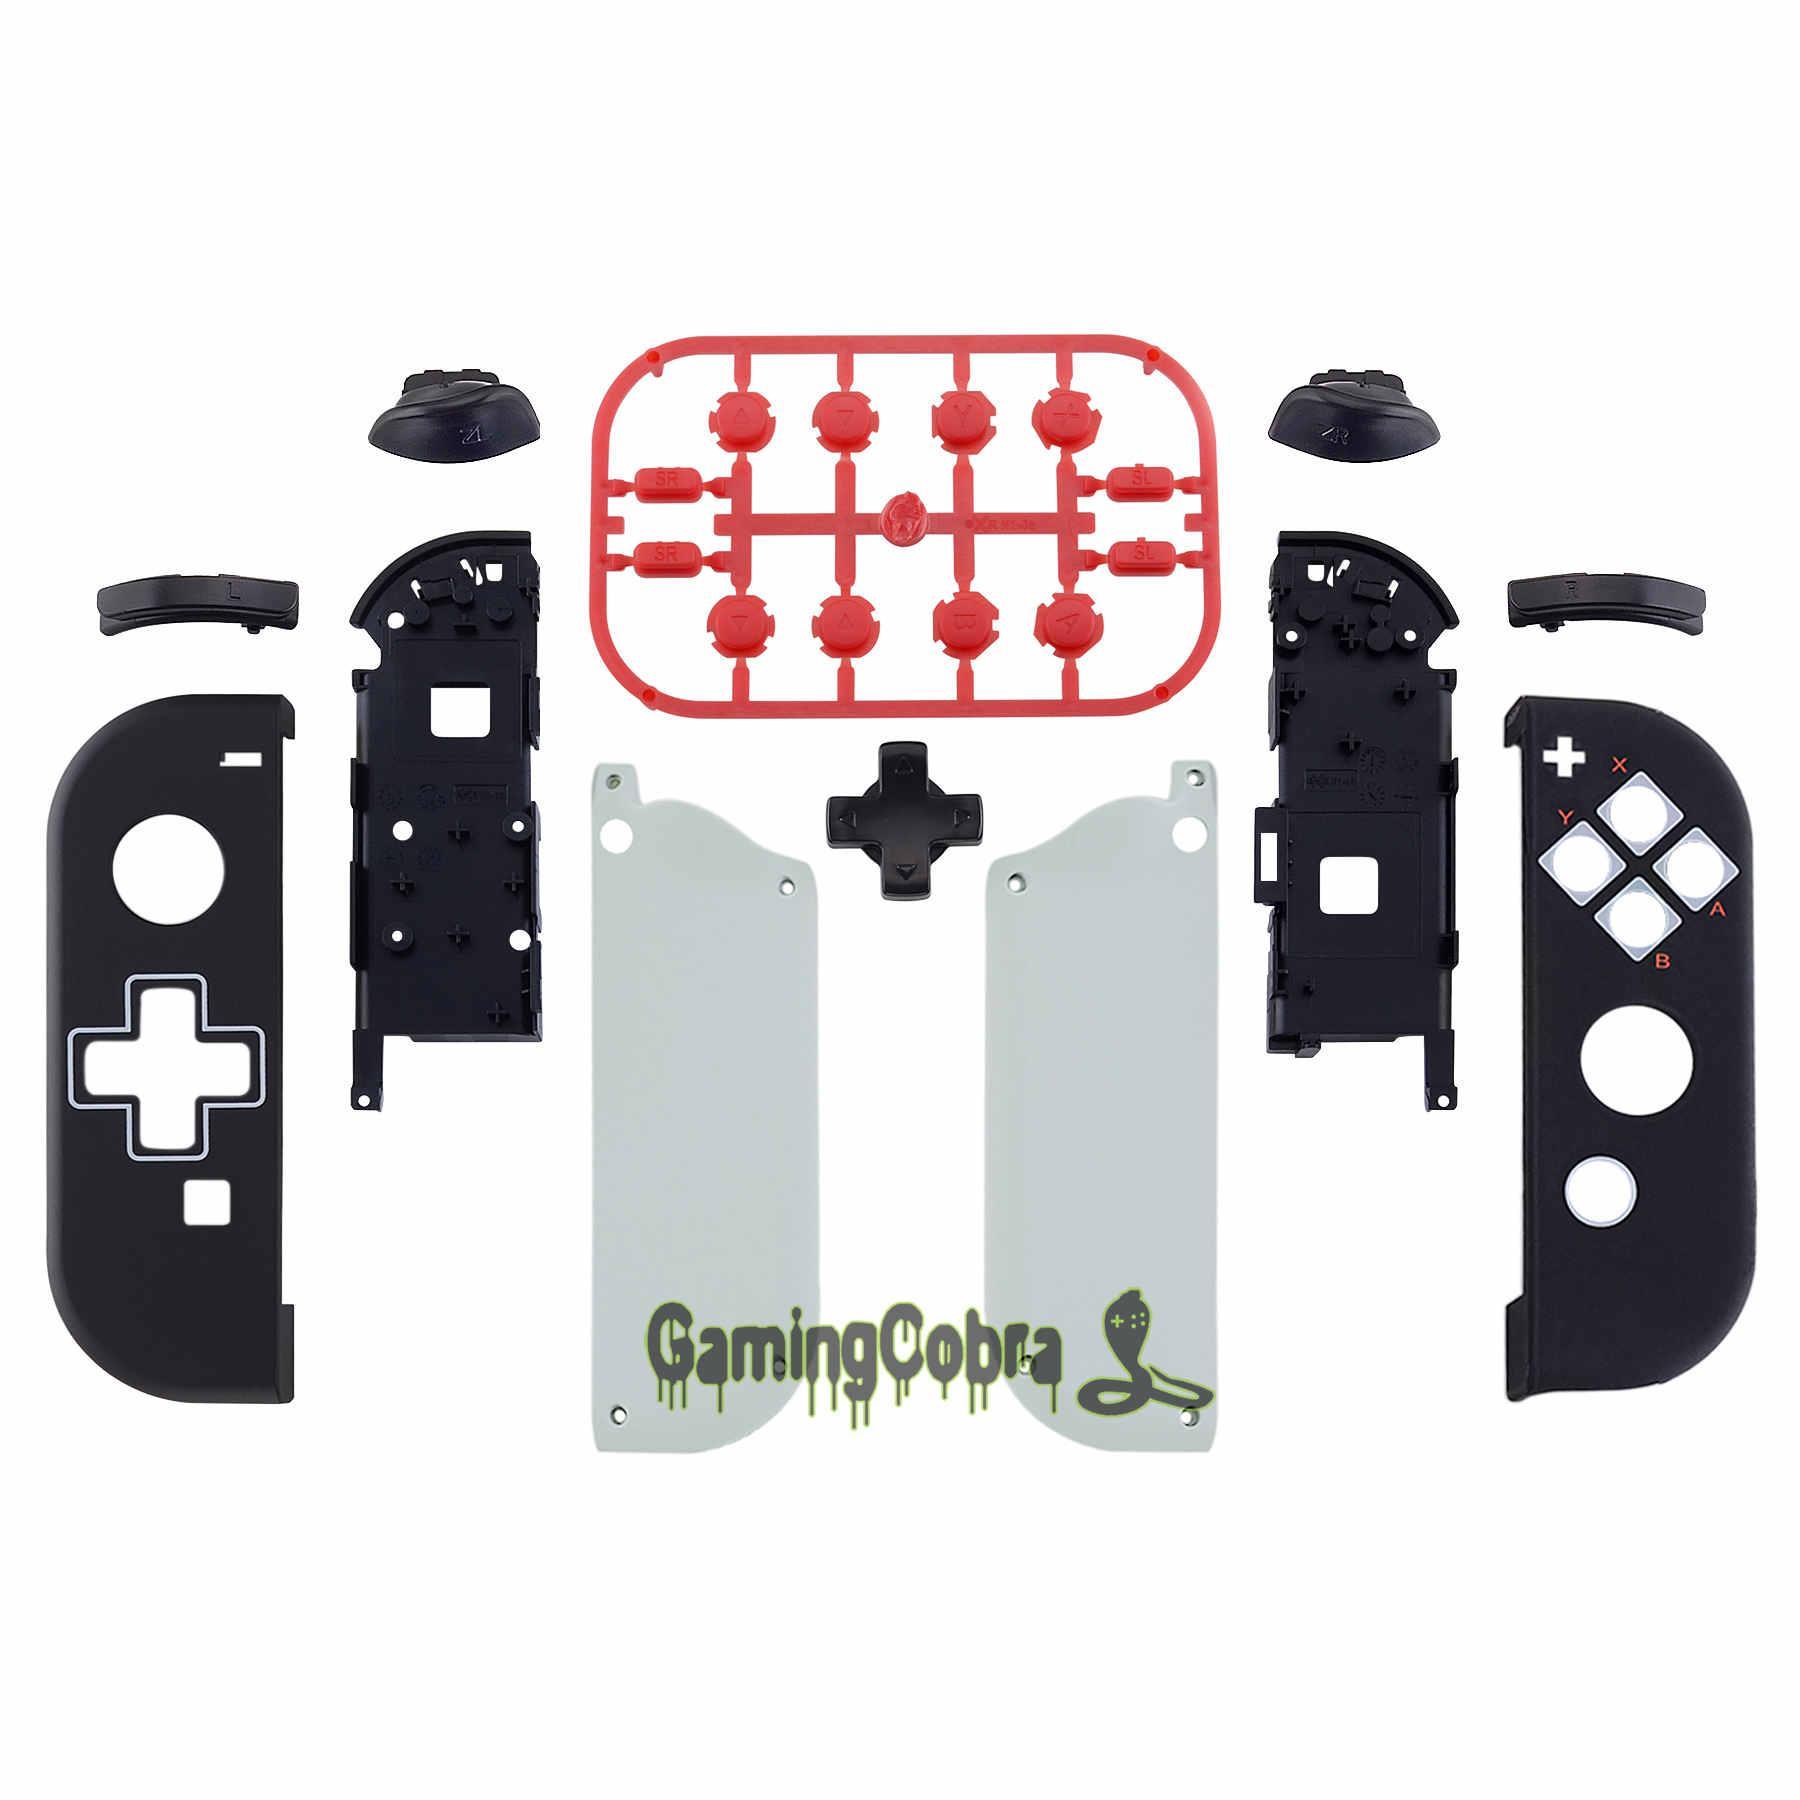 NES Estilo Soft Touch Controlador Habitação (D-Pad Version) w / Set completa Botões de substituição Shell para Nintendo Mudar Joy-Con